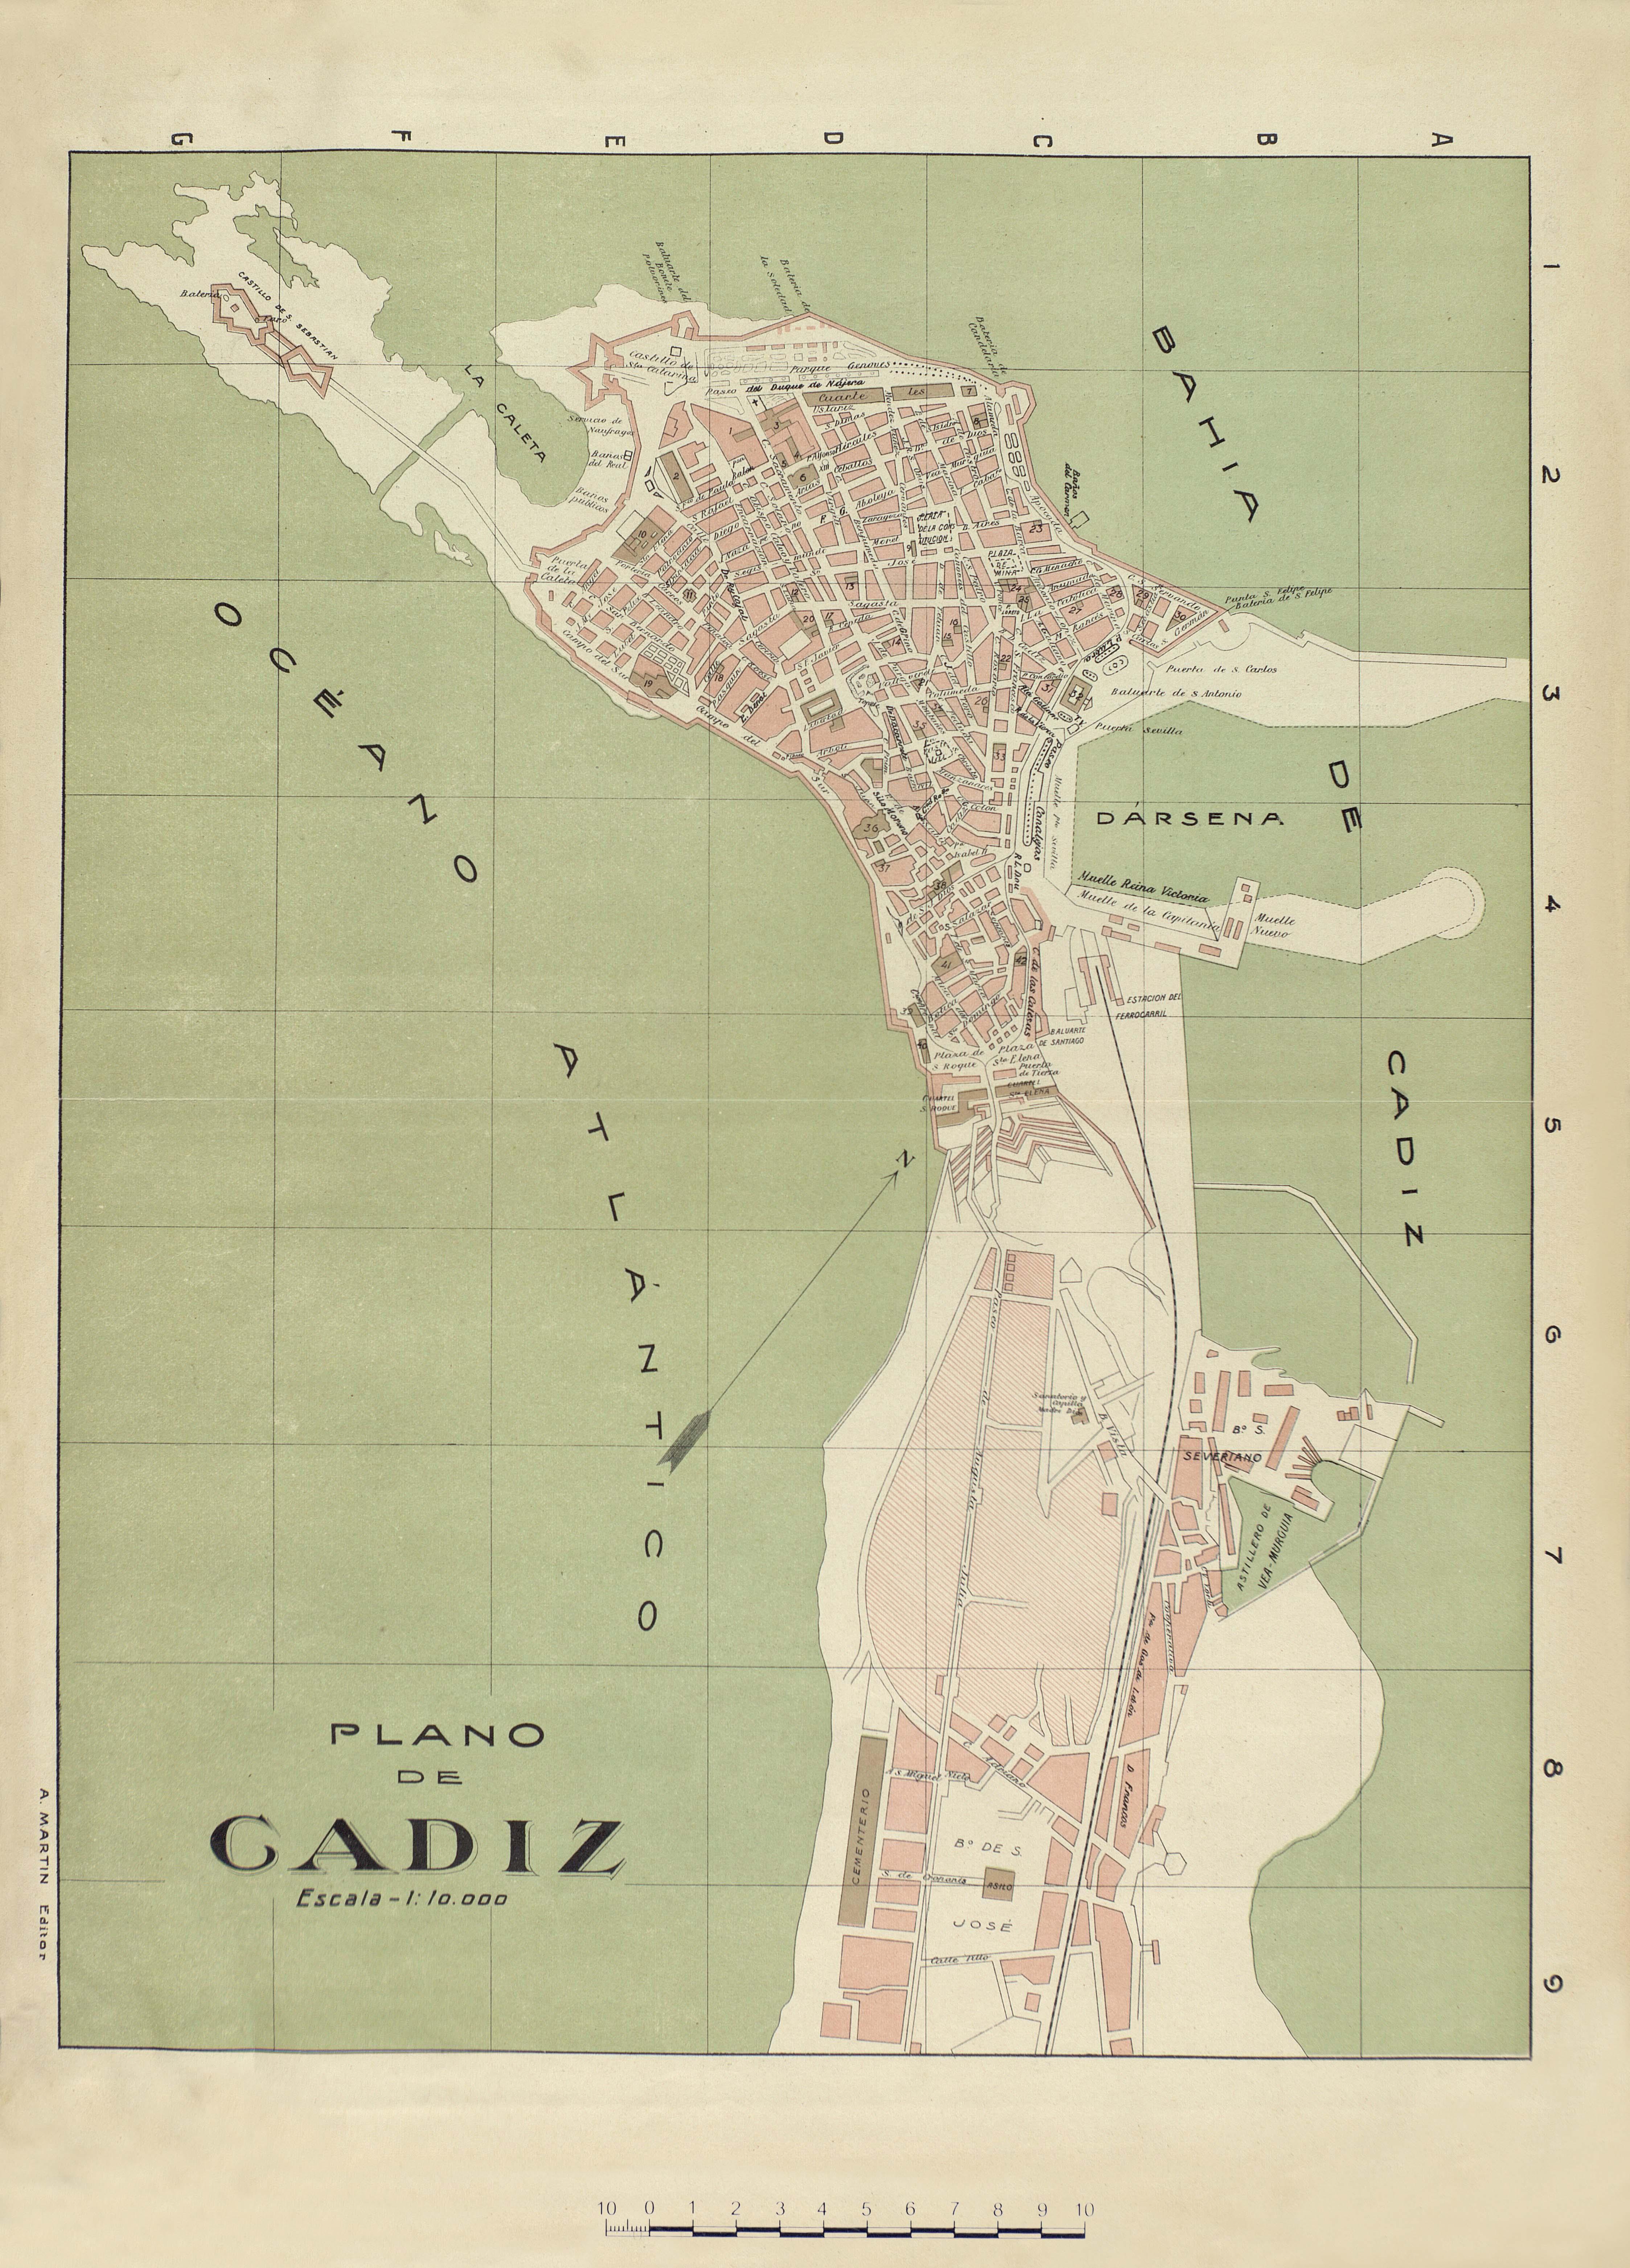 Map of Cádiz